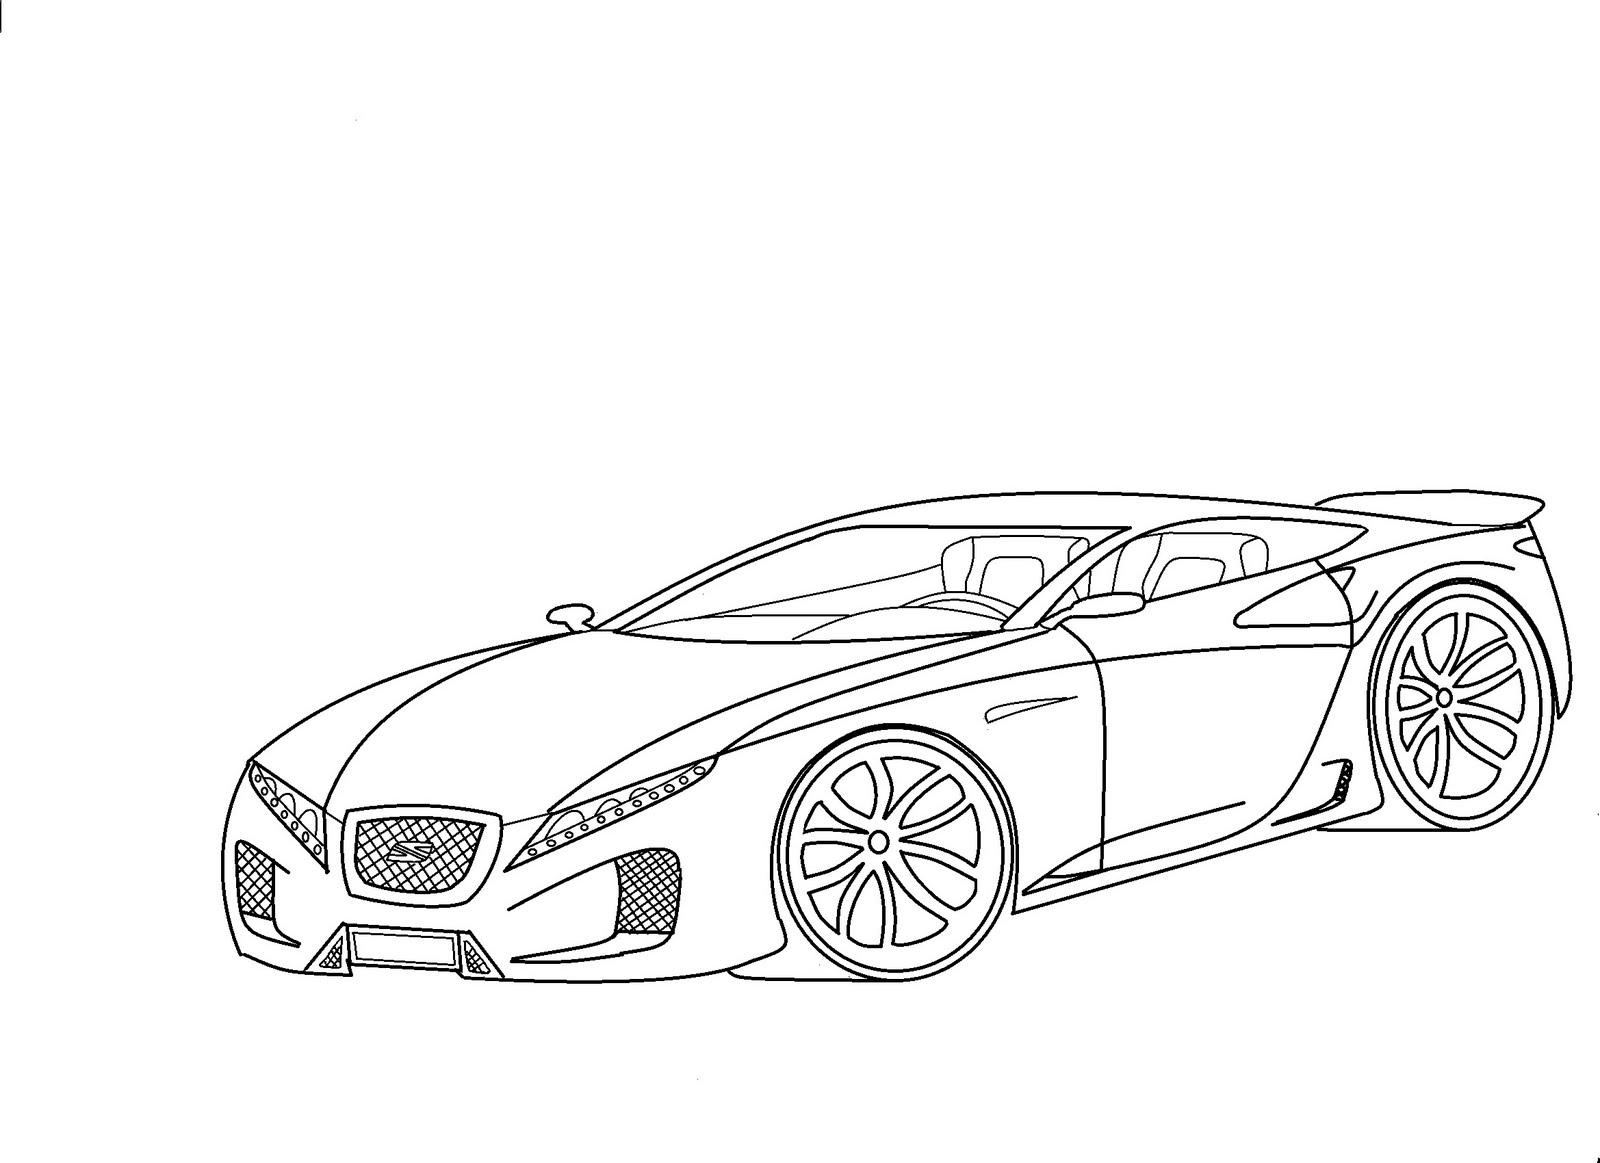 Dibujos de autos de carrera para colorear  Colorear imgenes